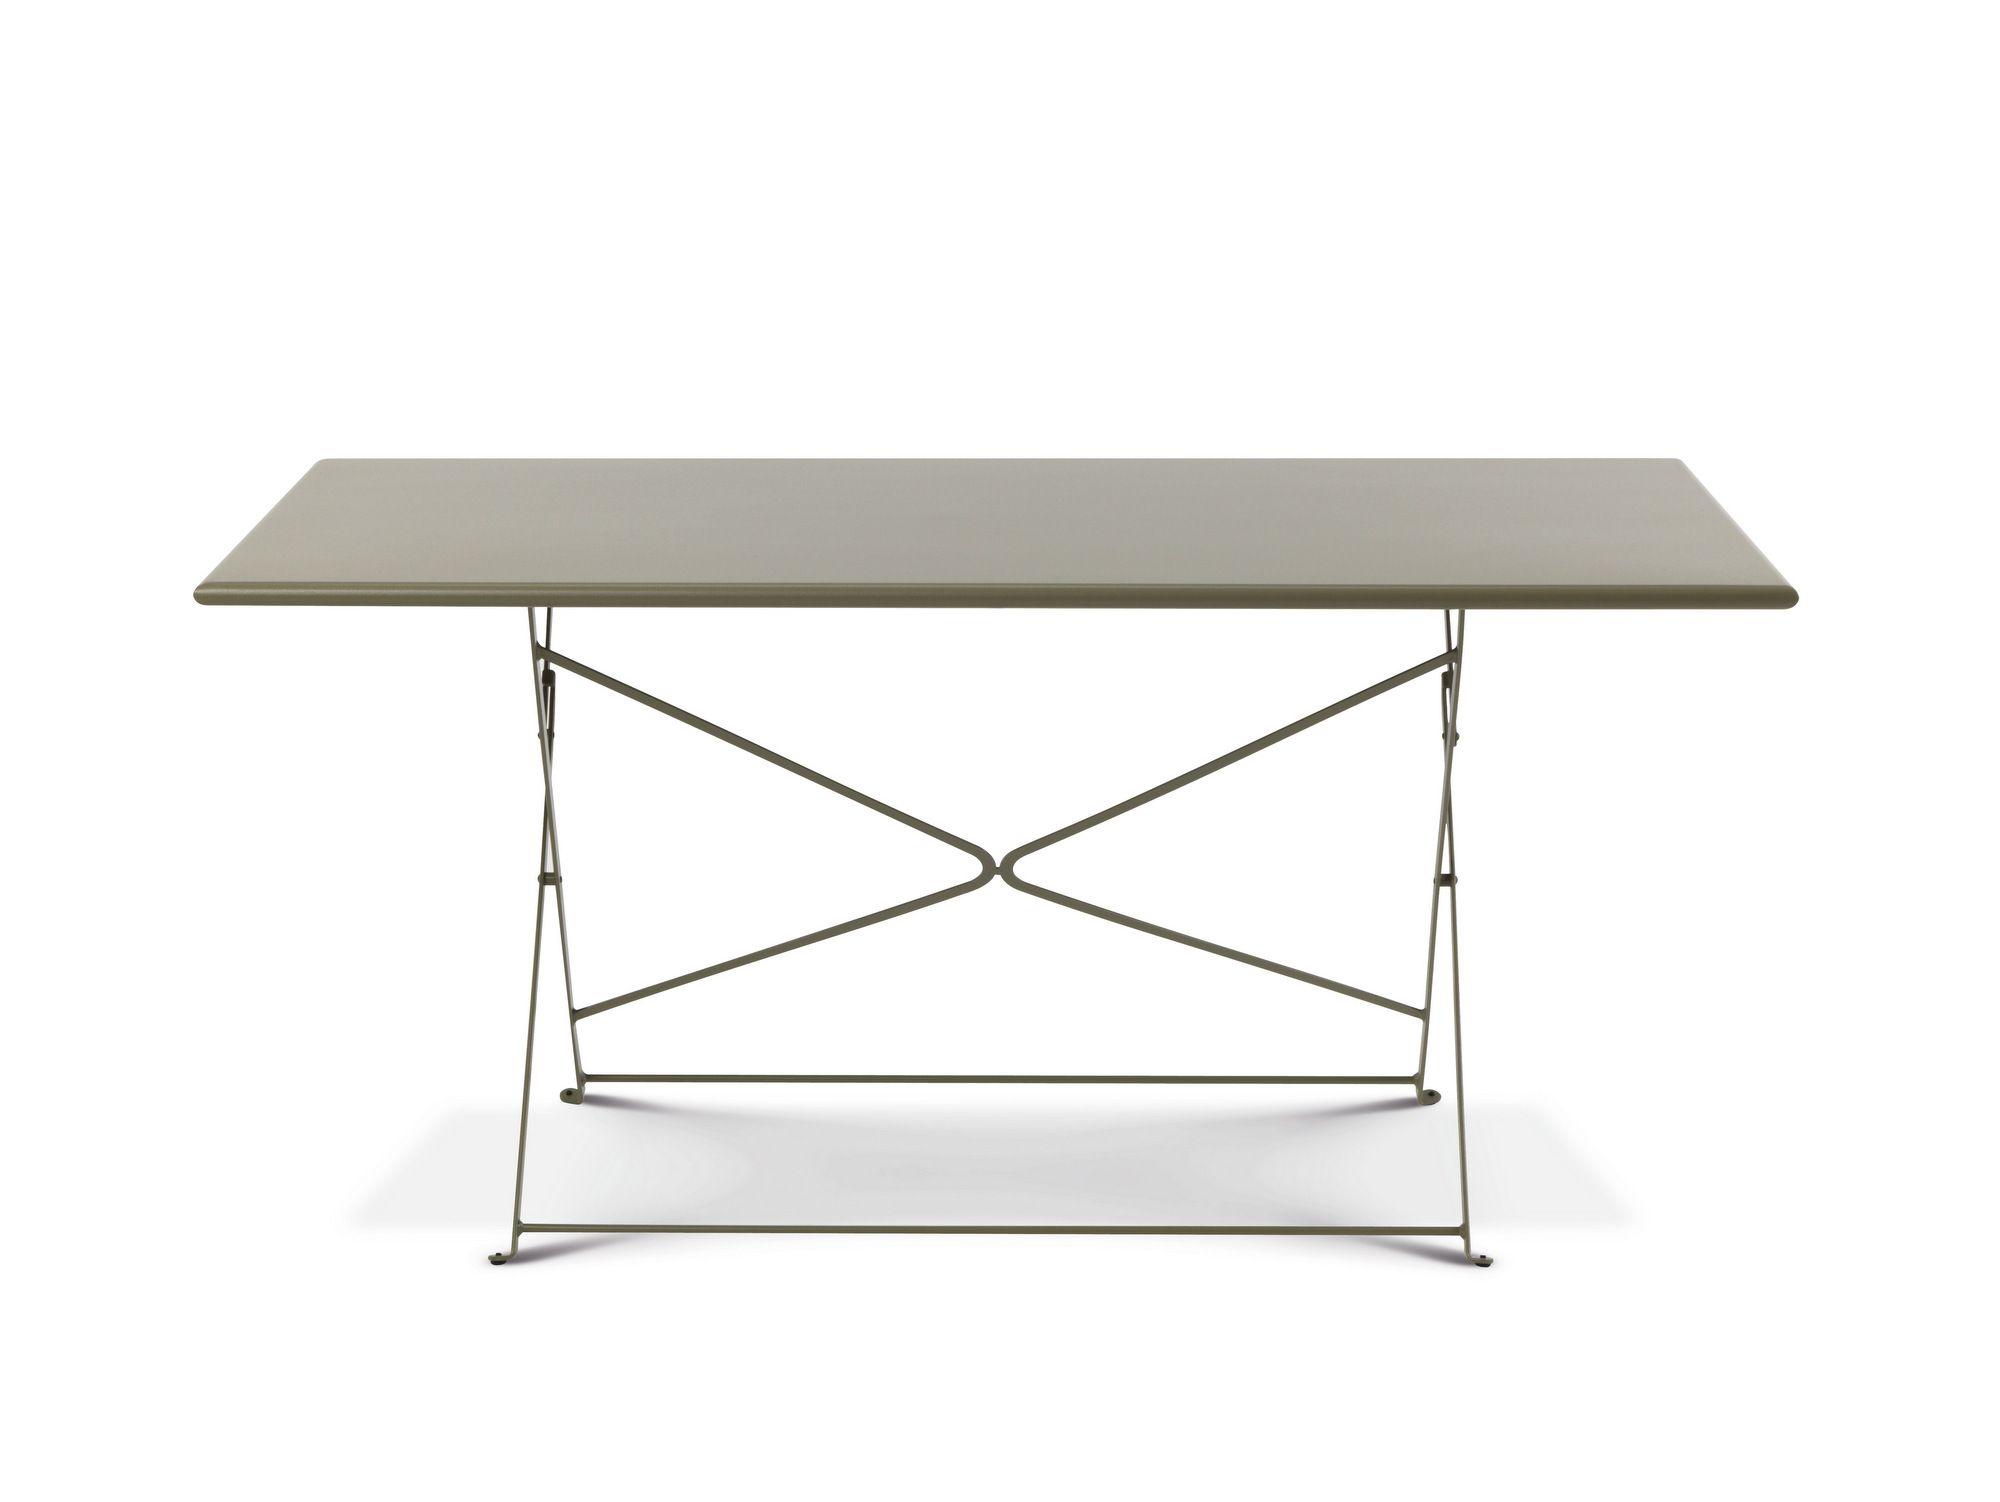 Tavolino Pieghevole Da Ringhiera Ikea.Tavolo Da Pranzo Collezione Flower By Ethimo Tavolo Ikea